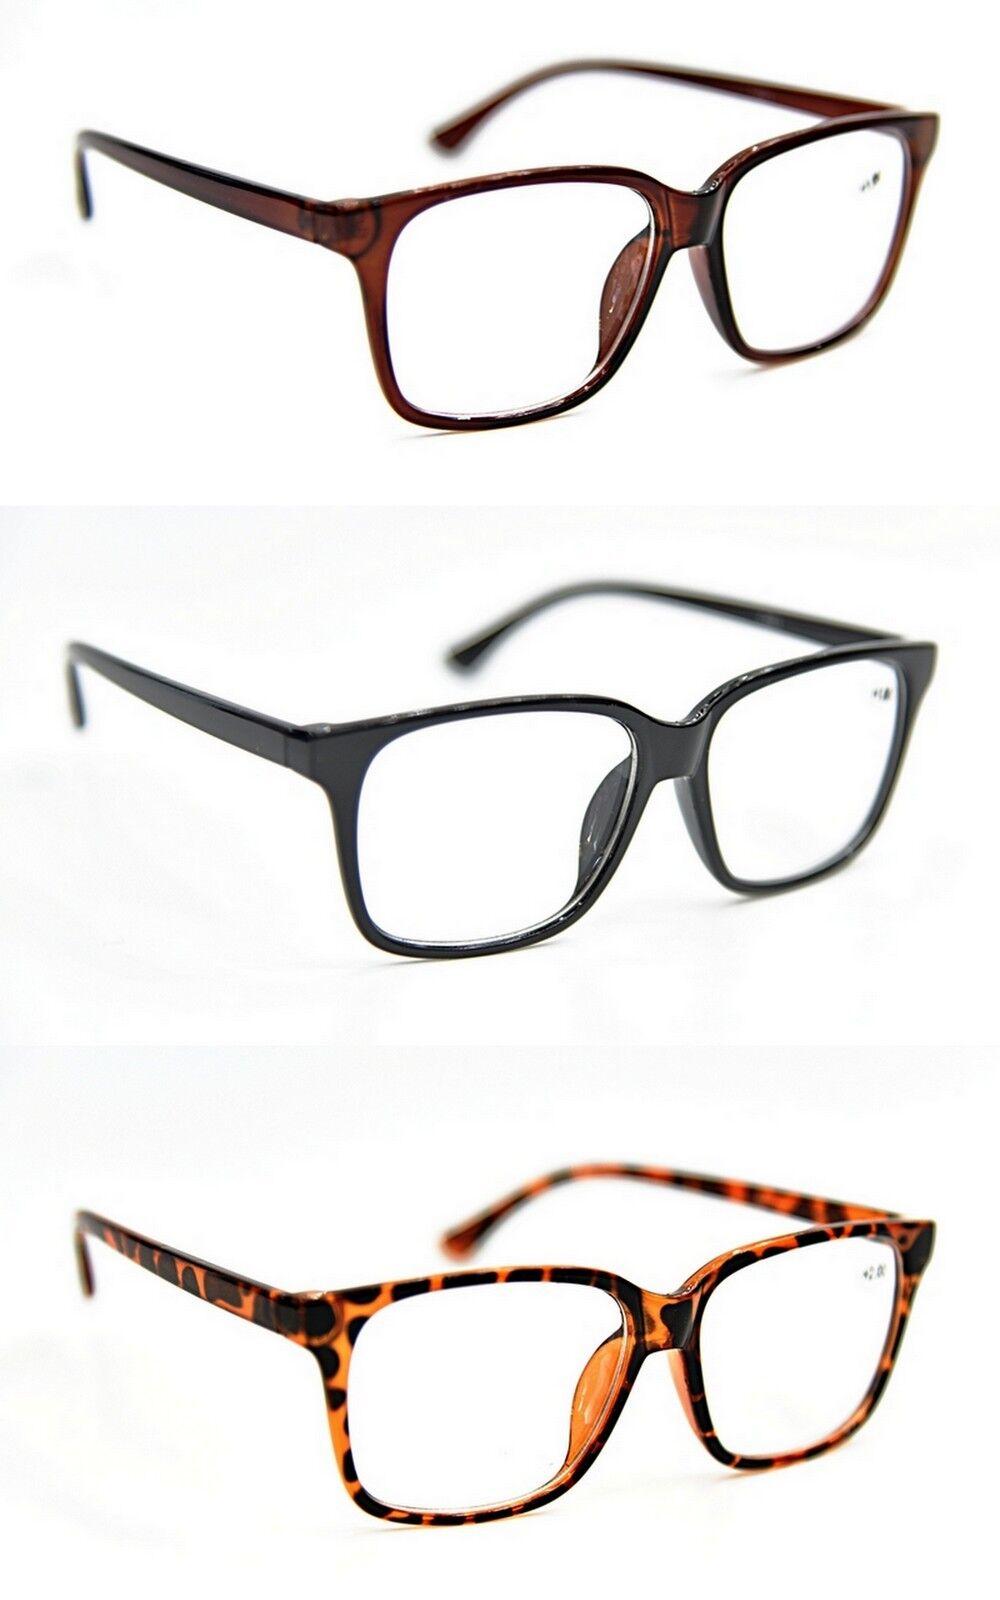 617baad8c97 Bifocal Geek Nerd Unisex Stylish Bold Fashion Reading Glasses +1.0+1.5+2.0  DX2